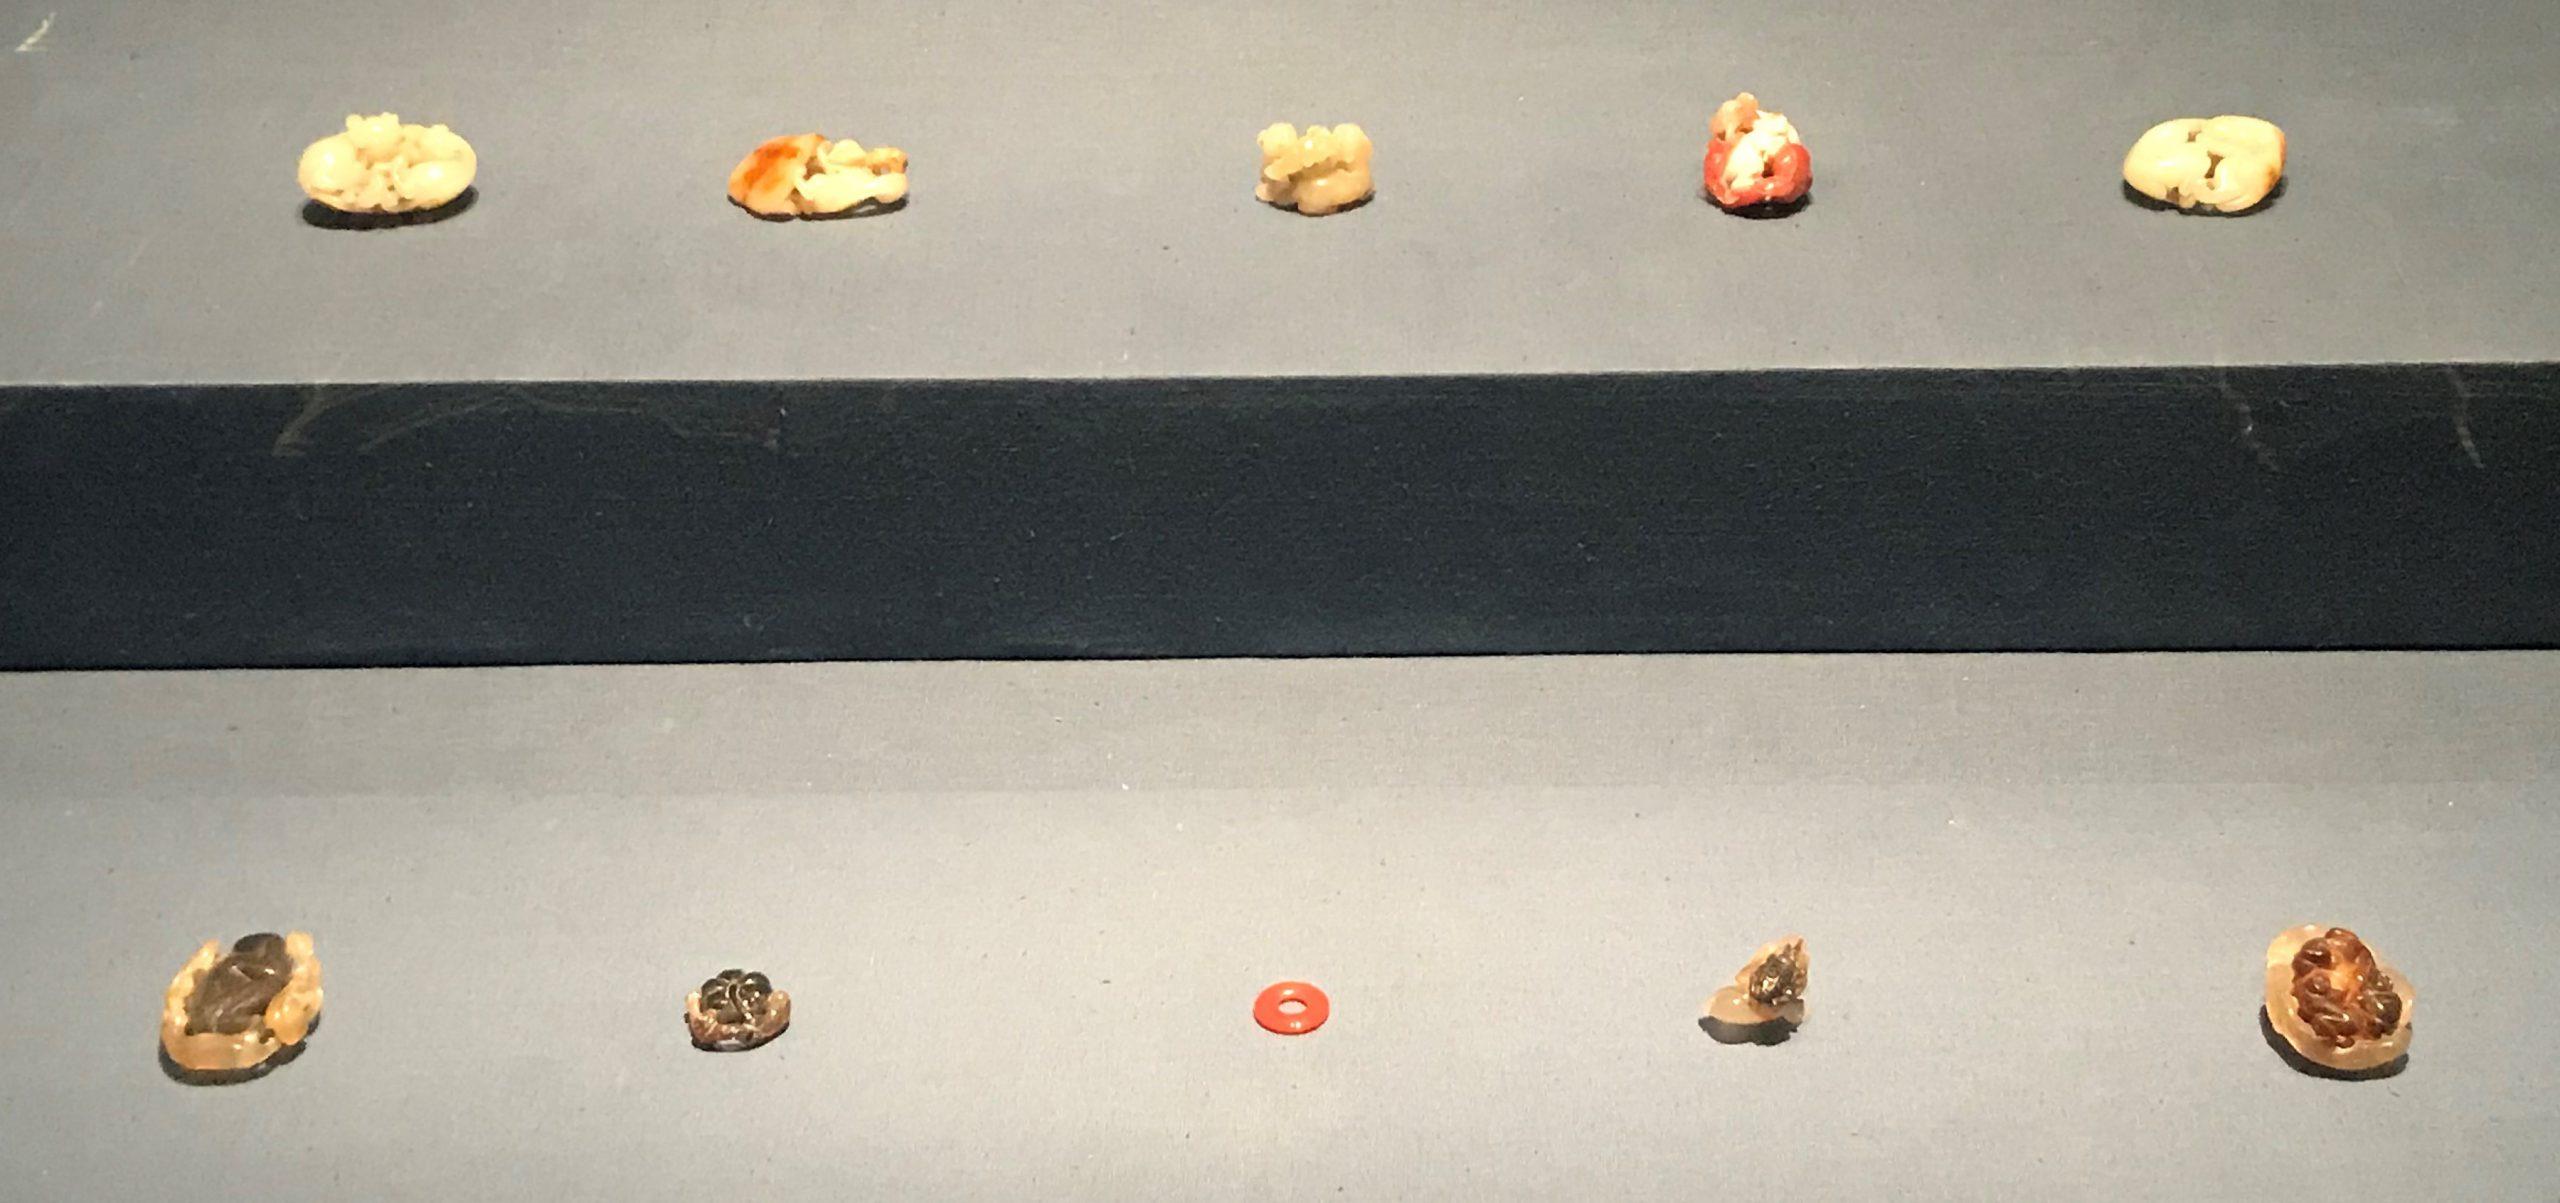 玉飾品-明清時代-常設展F3-成都博物館